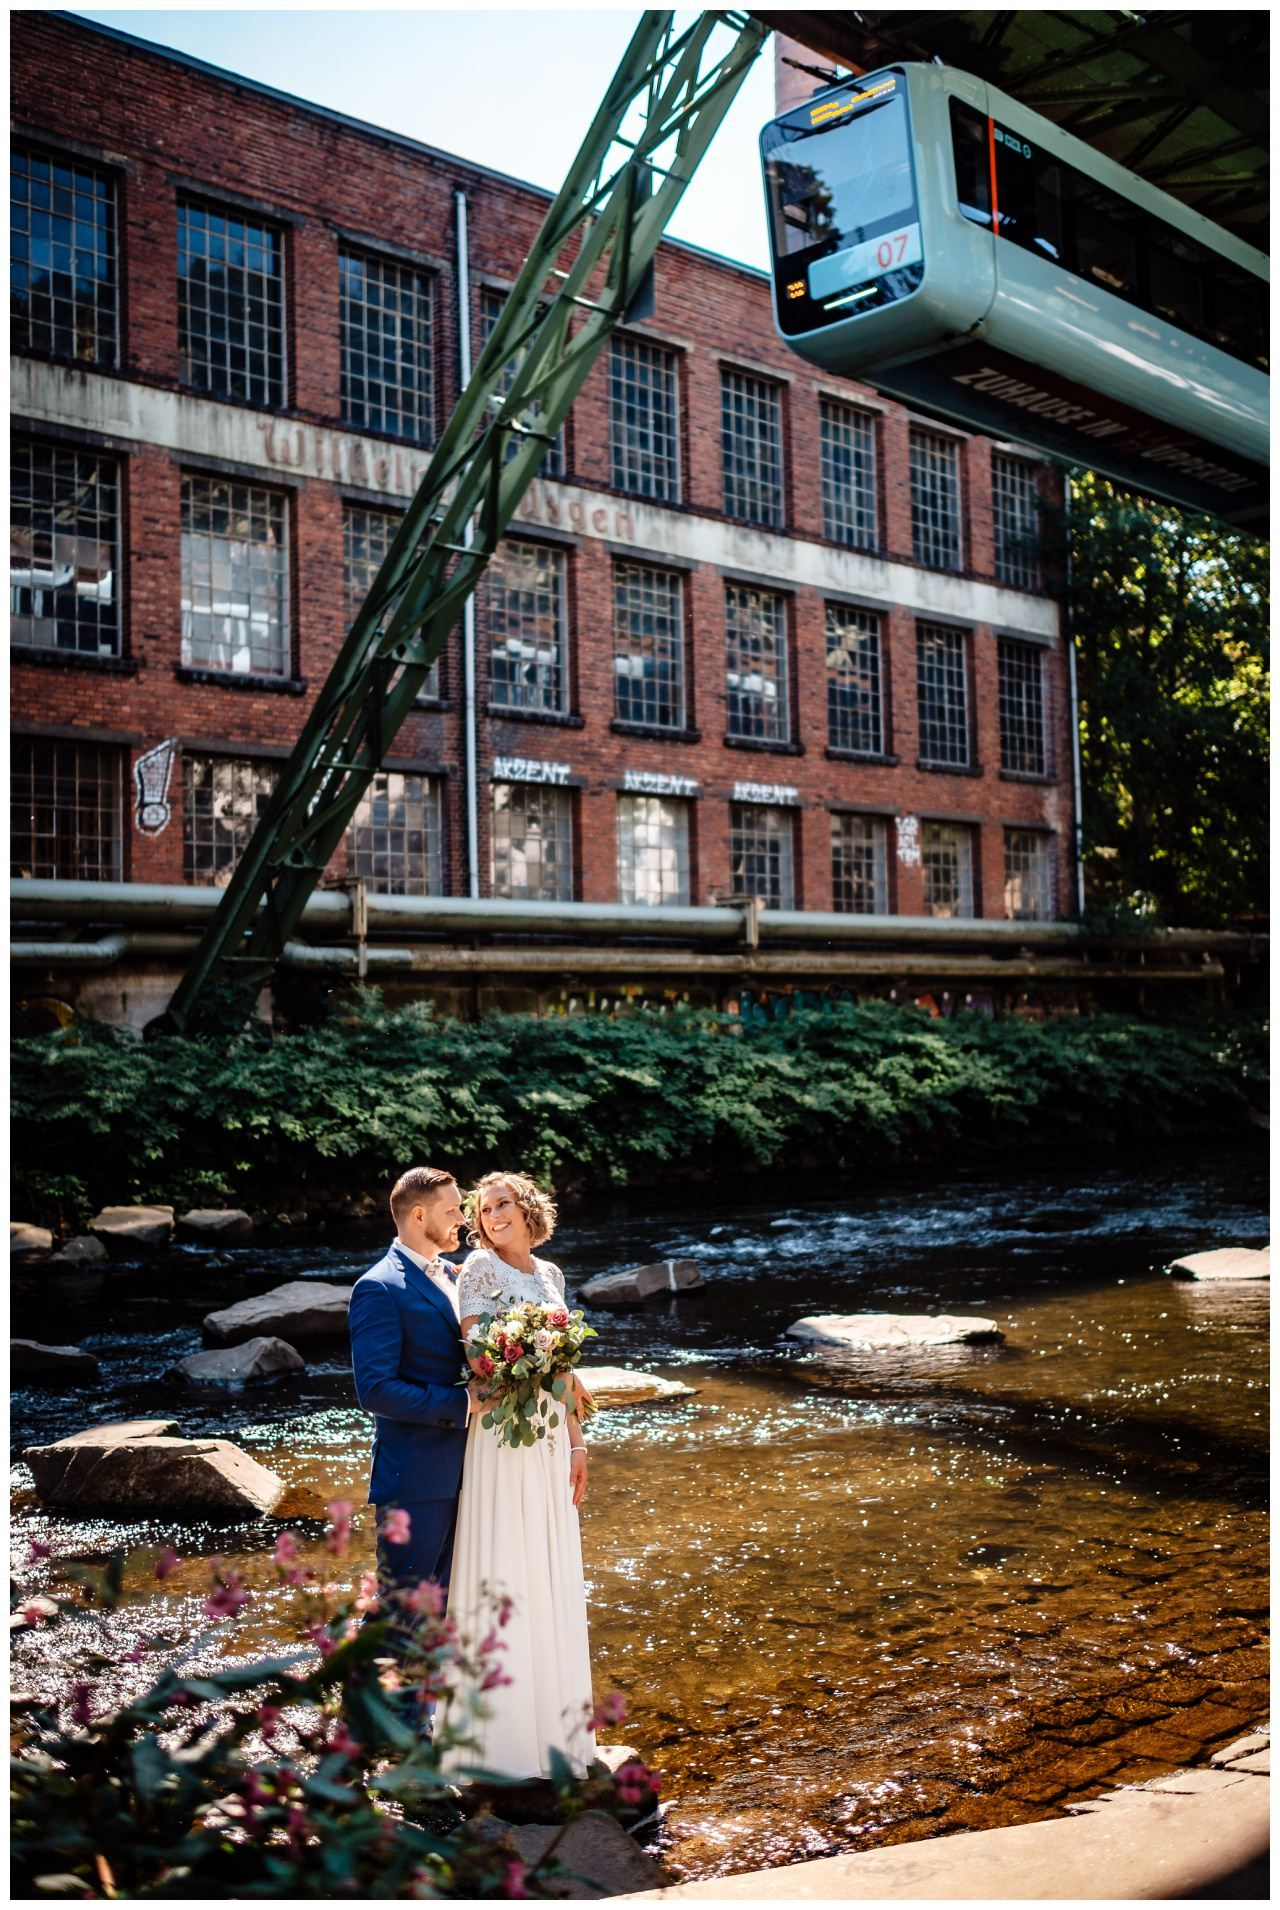 Herr Der Ringe Hochzeit In Wuppertal In 2020 Hochzeit Hochzeitsfotos Hochzeitsfeier